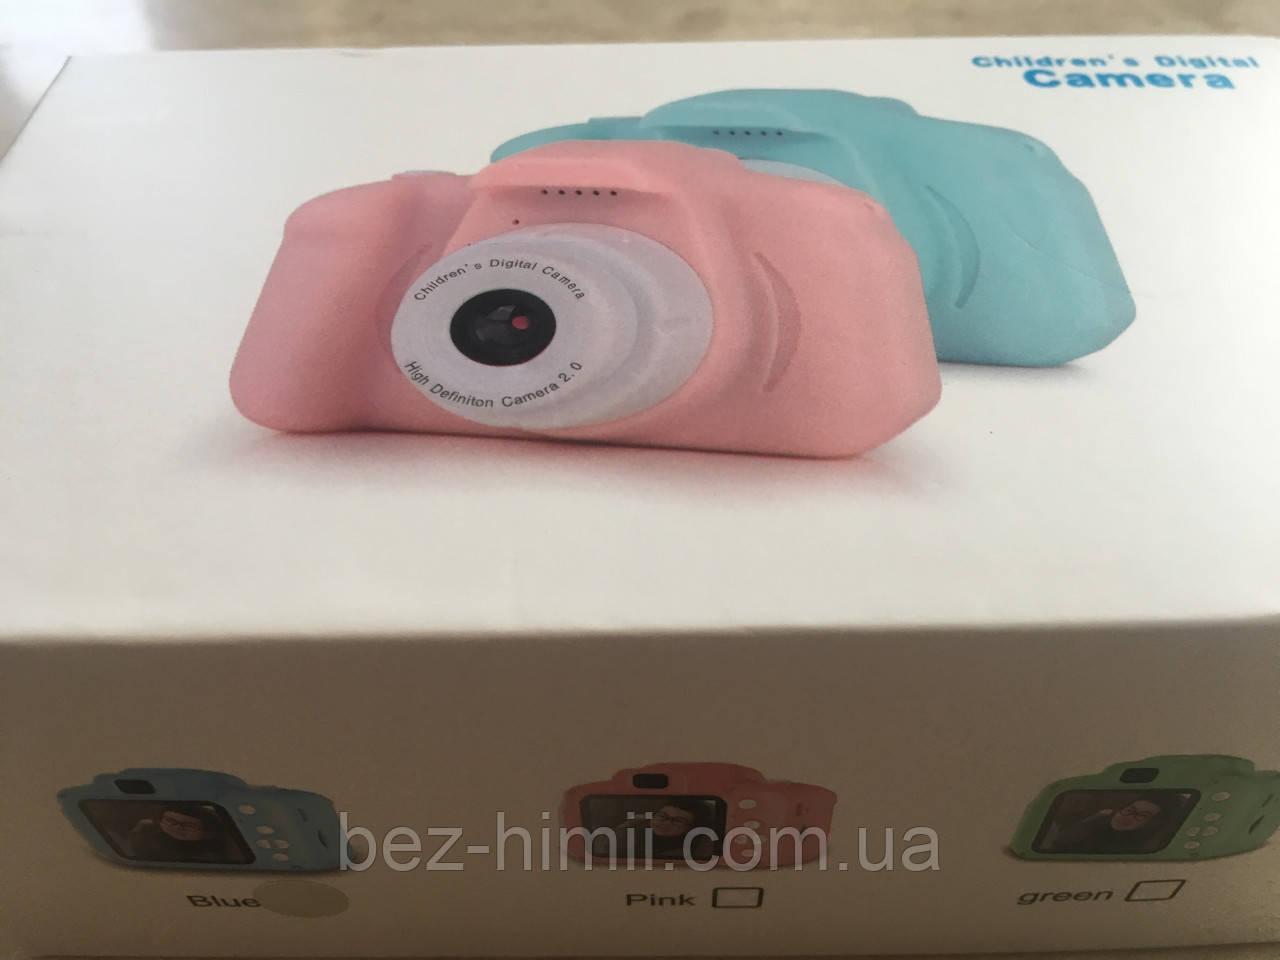 Фотоаппарат детский с картой памяти 32 Gb и usb